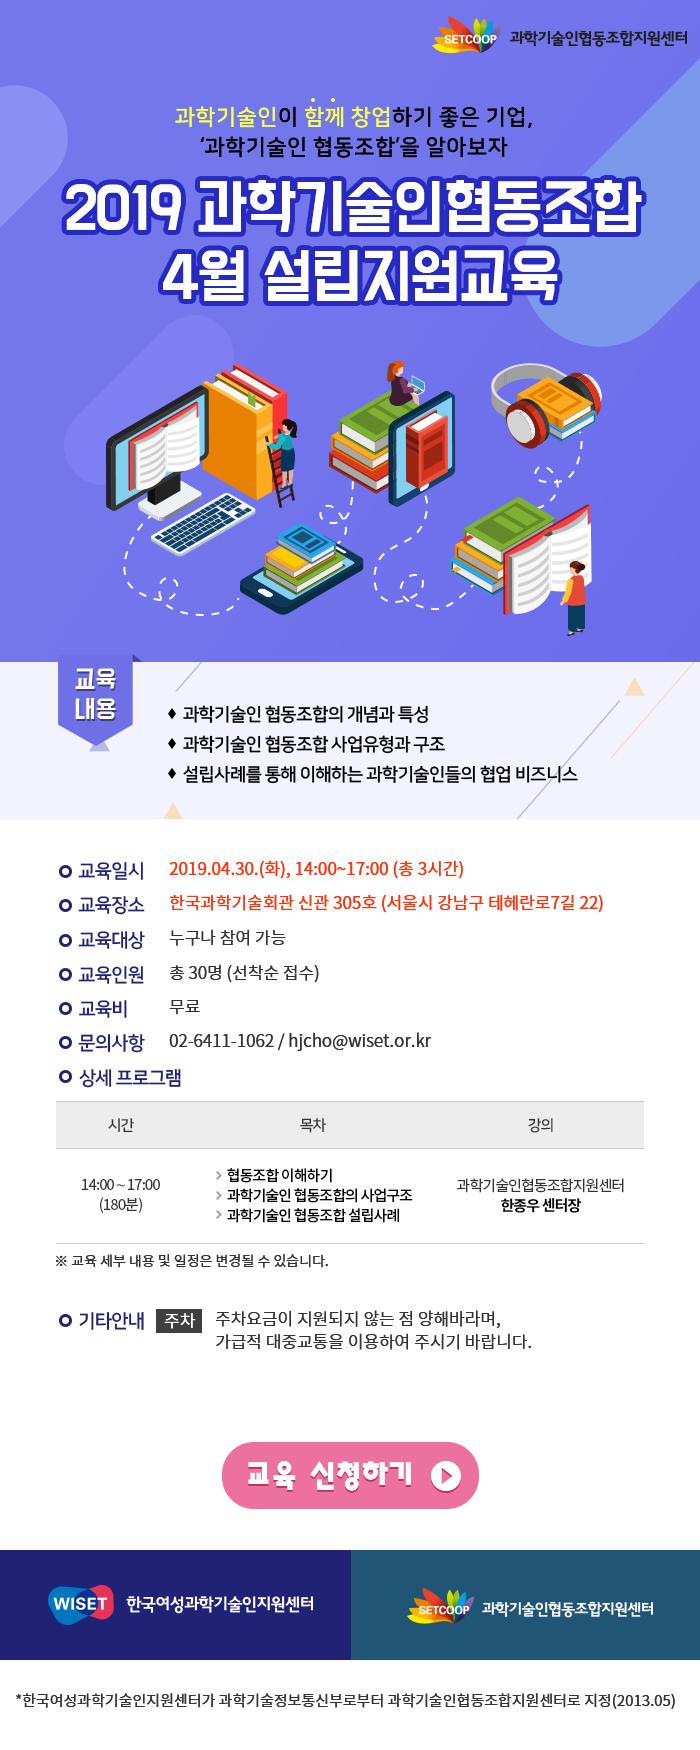 2019년 과학기술인 협동조합 4월 설립지원교육_웹자보(최종)